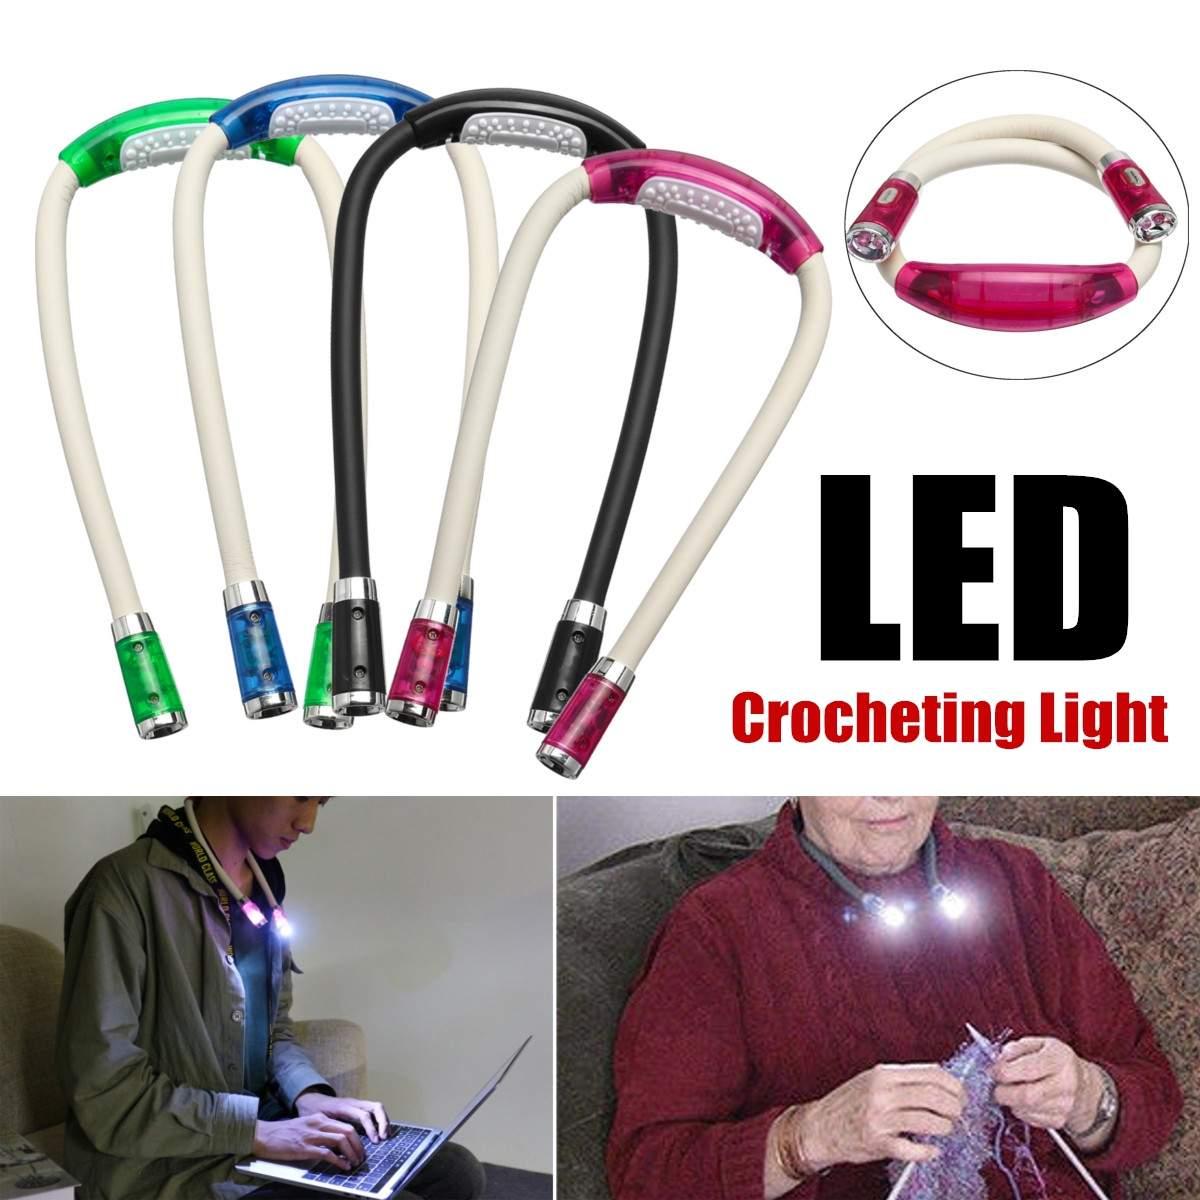 LED צוואר לילה אור גמיש סריגה סורגת ספר אור דיבורית קריאת מנורת תאורה פנימית 4 צבעים סוללה מופעל